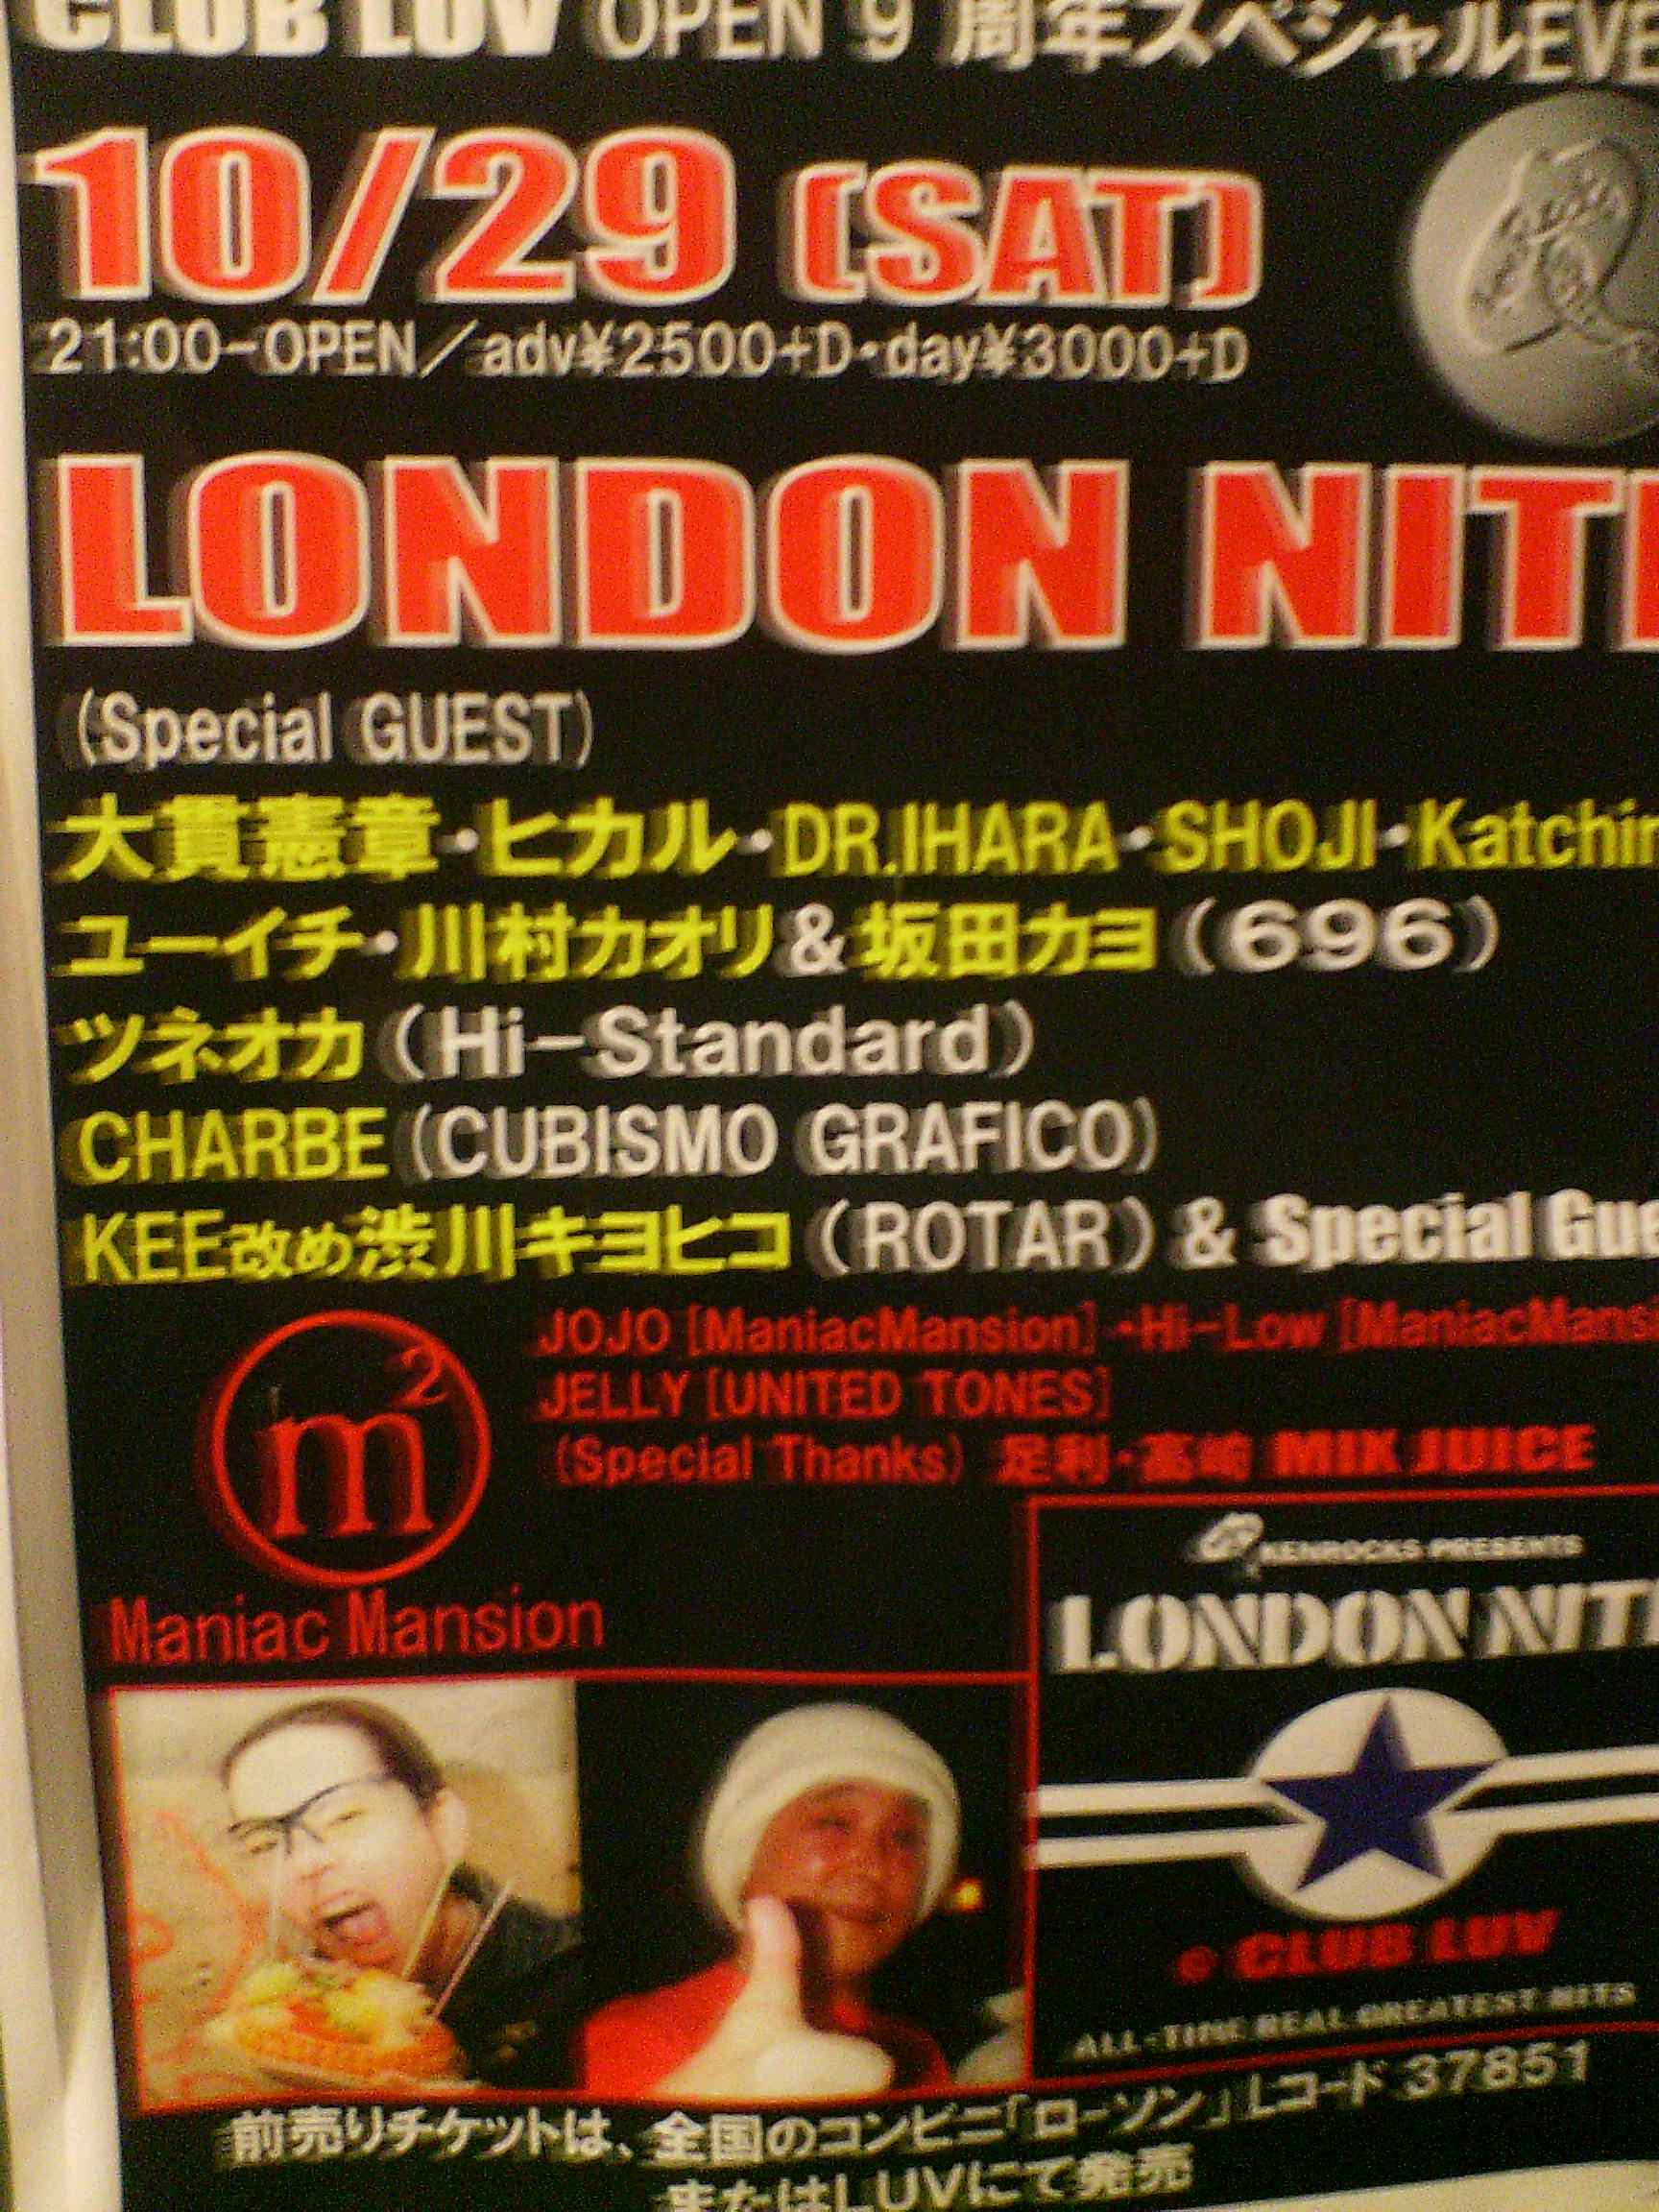 いよいよ明日LONDON NITE!久々に行くので楽しみです!_e0083143_2144352.jpg